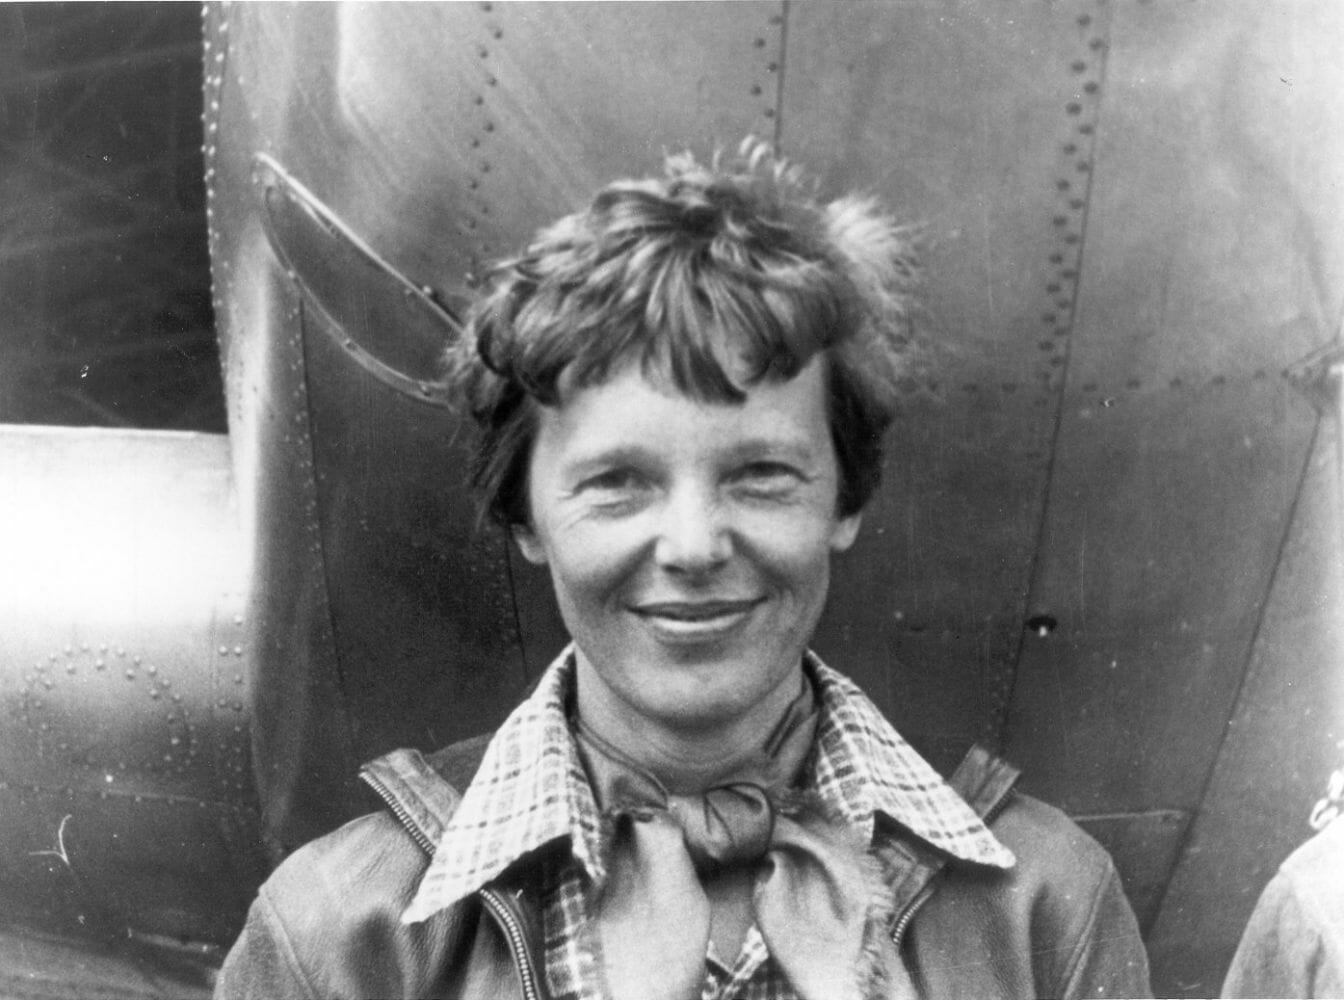 Amelia foi a primeira mulher a sobrevoar o Atlântico